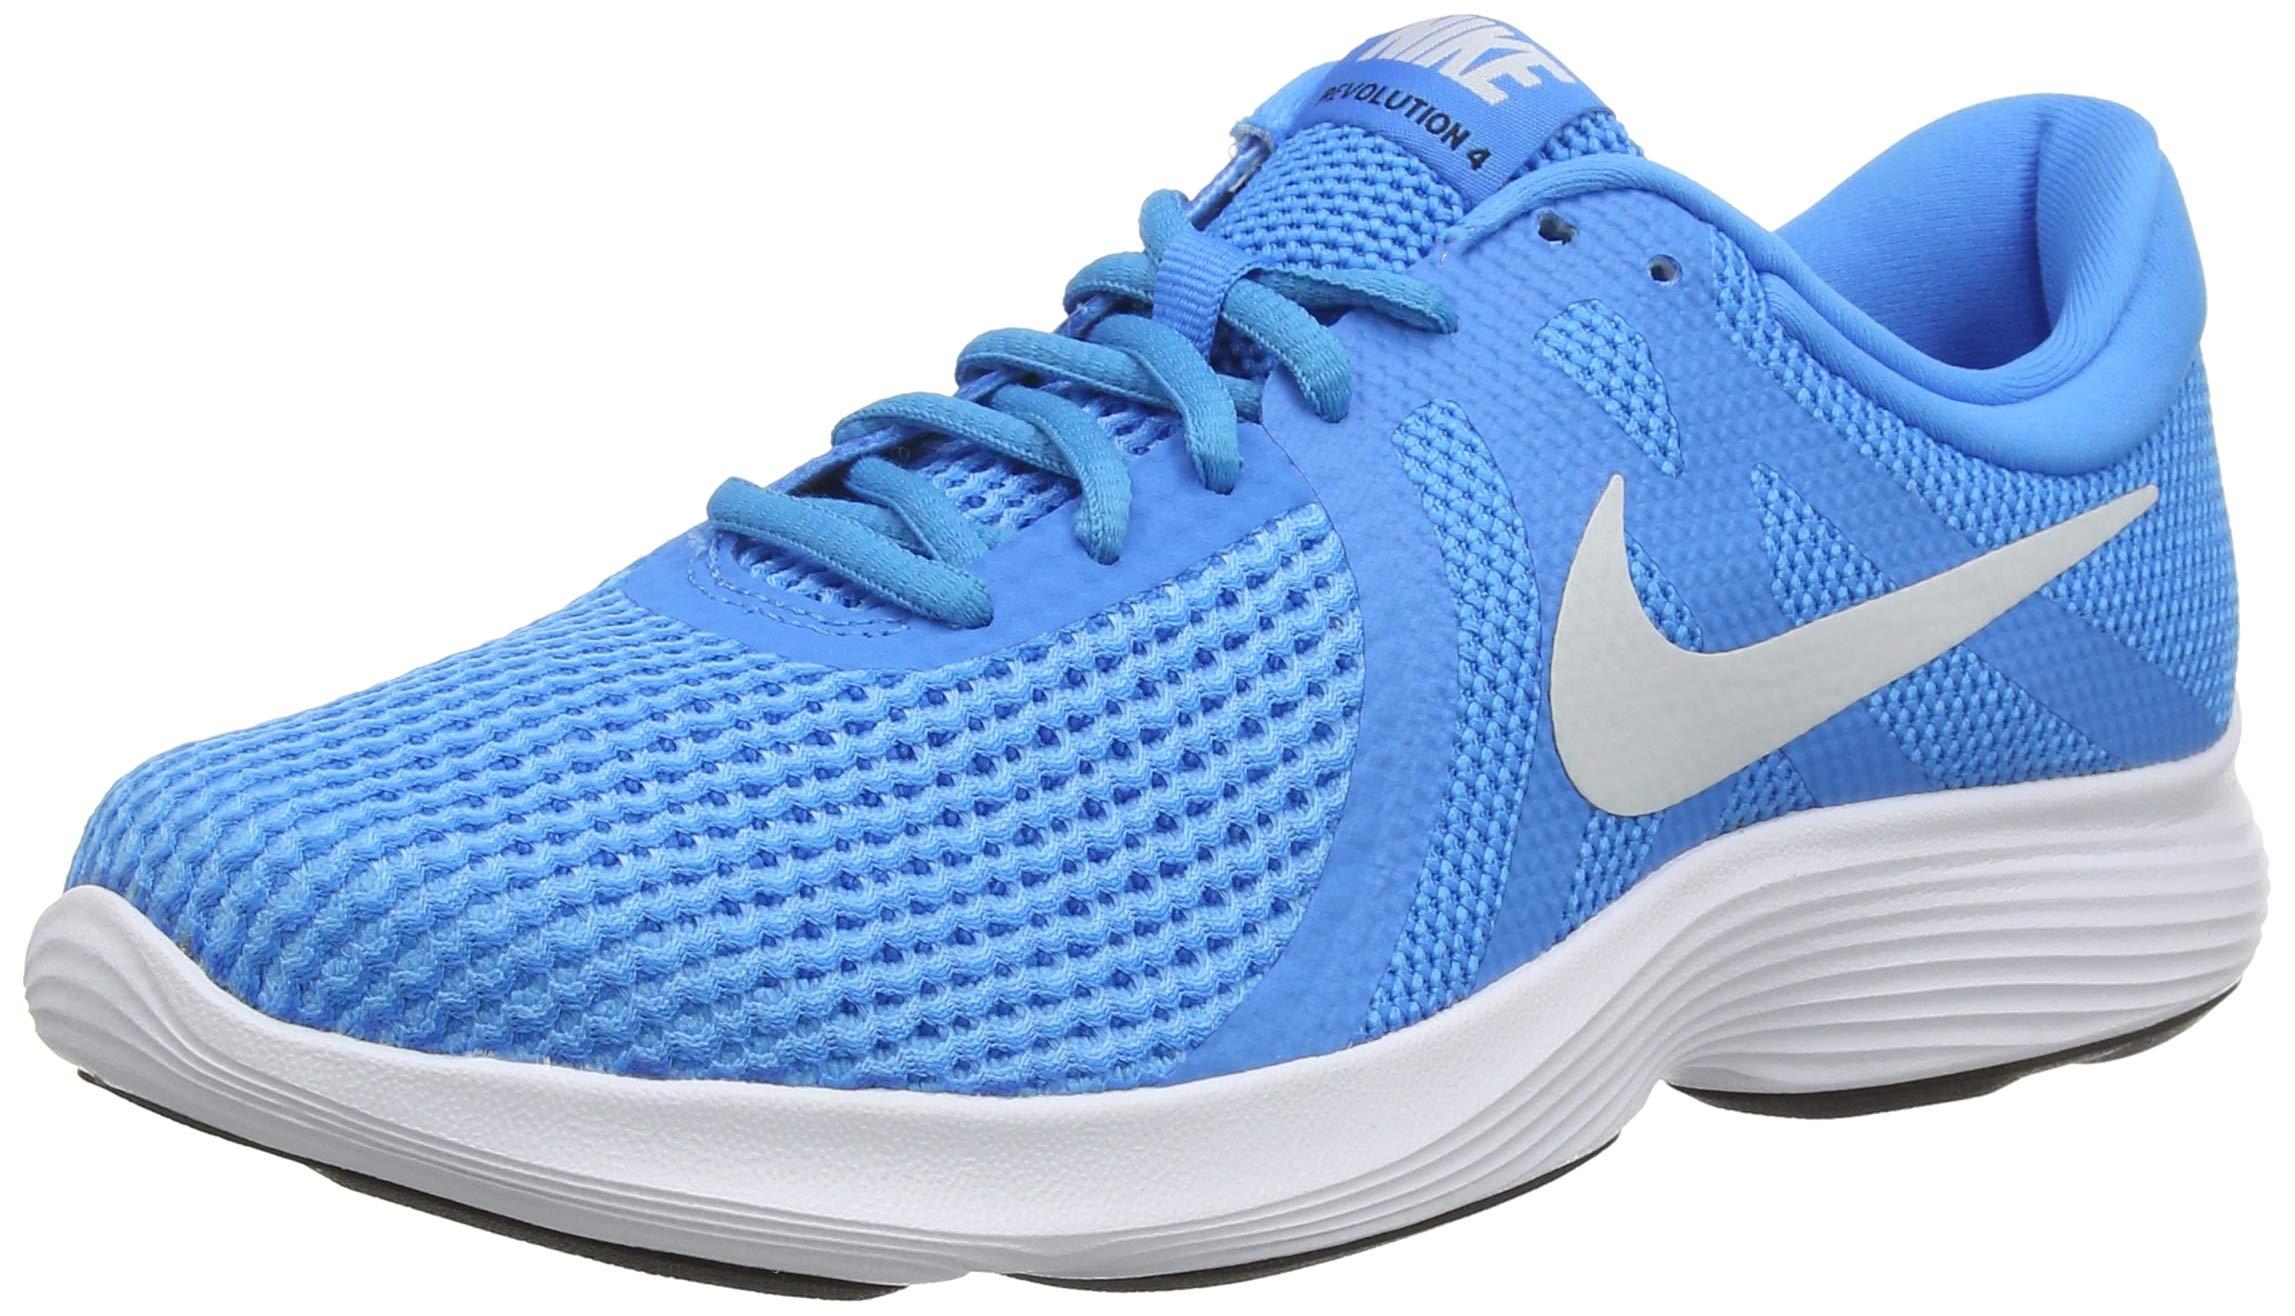 b56599da6f1 ▷ Ofertas Nike Revolution 4 EU, Zapatillas de Deporte para Hombre ...